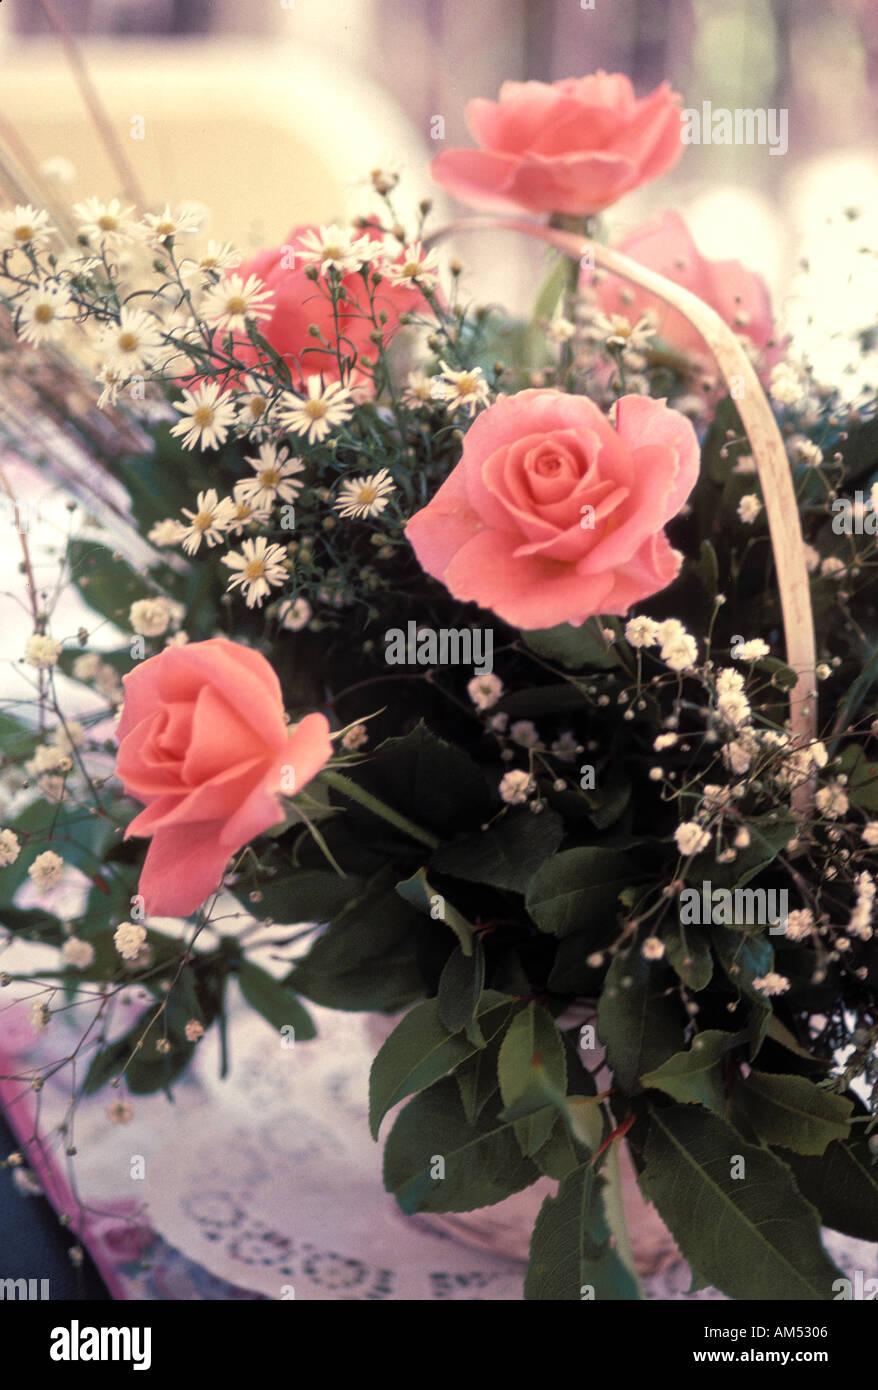 Wedding flower basket of pink roses and babys breath on a reception wedding flower basket of pink roses and babys breath on a reception table mightylinksfo